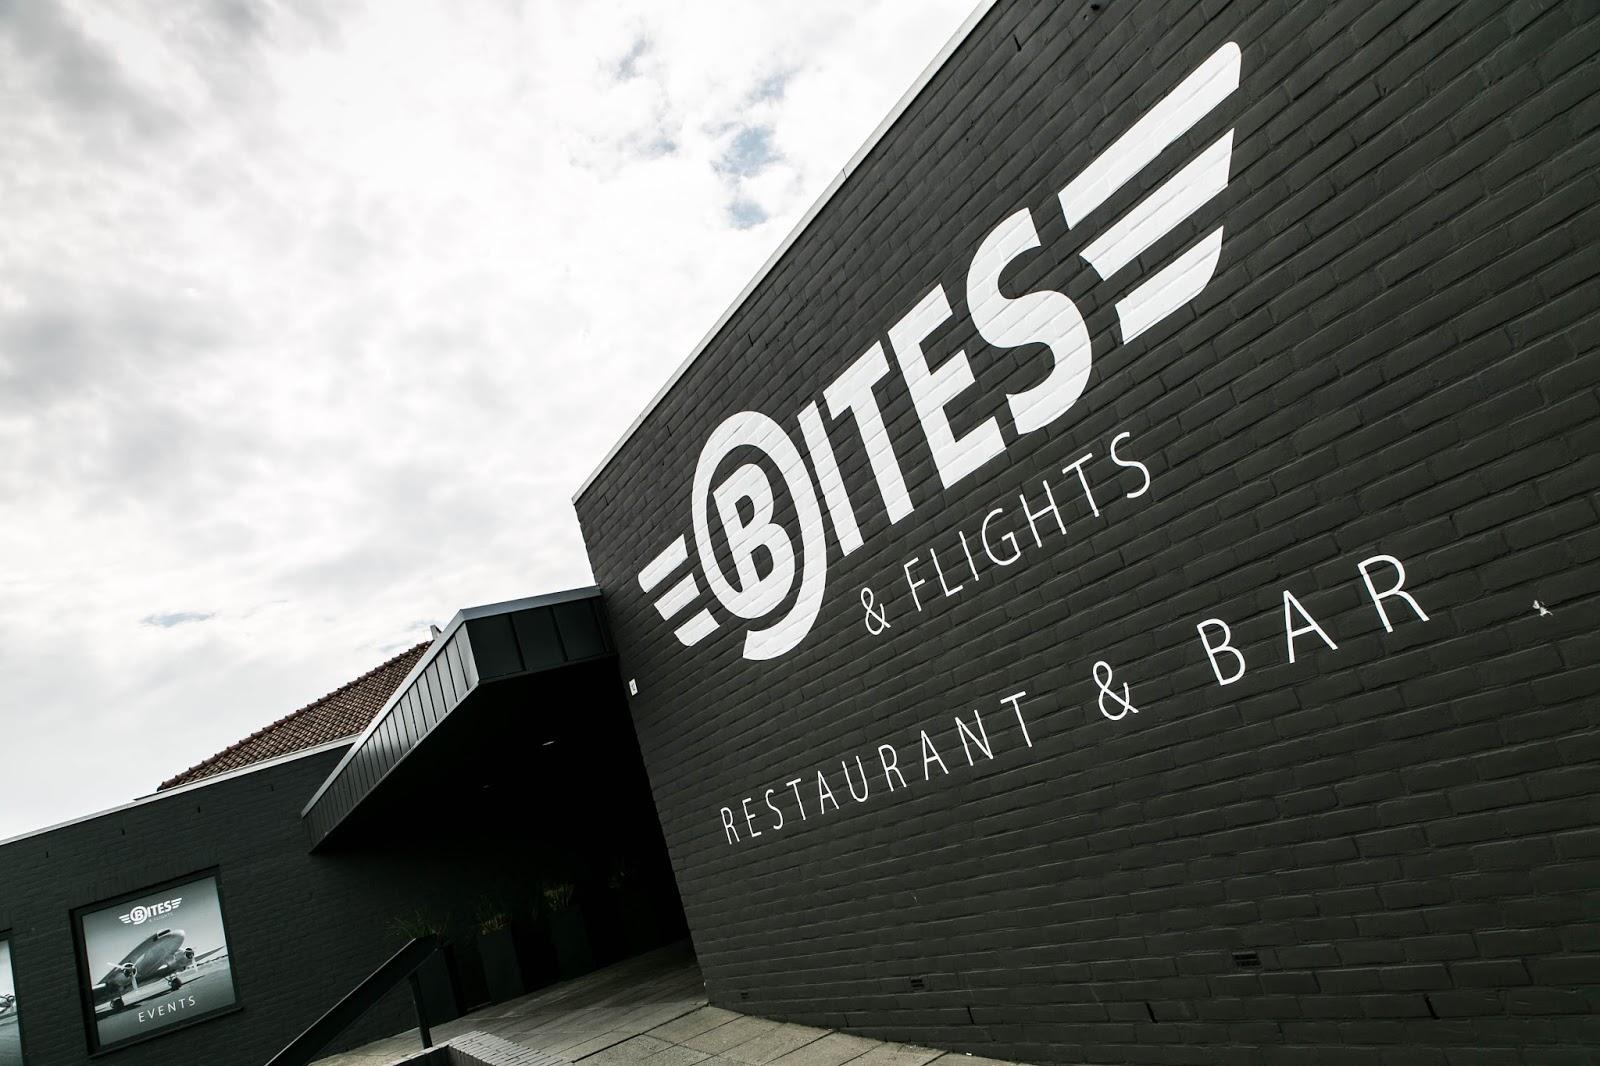 bites-en_flight_eelde-airport-Groningen_trouwbeurs_bruidsbeurs